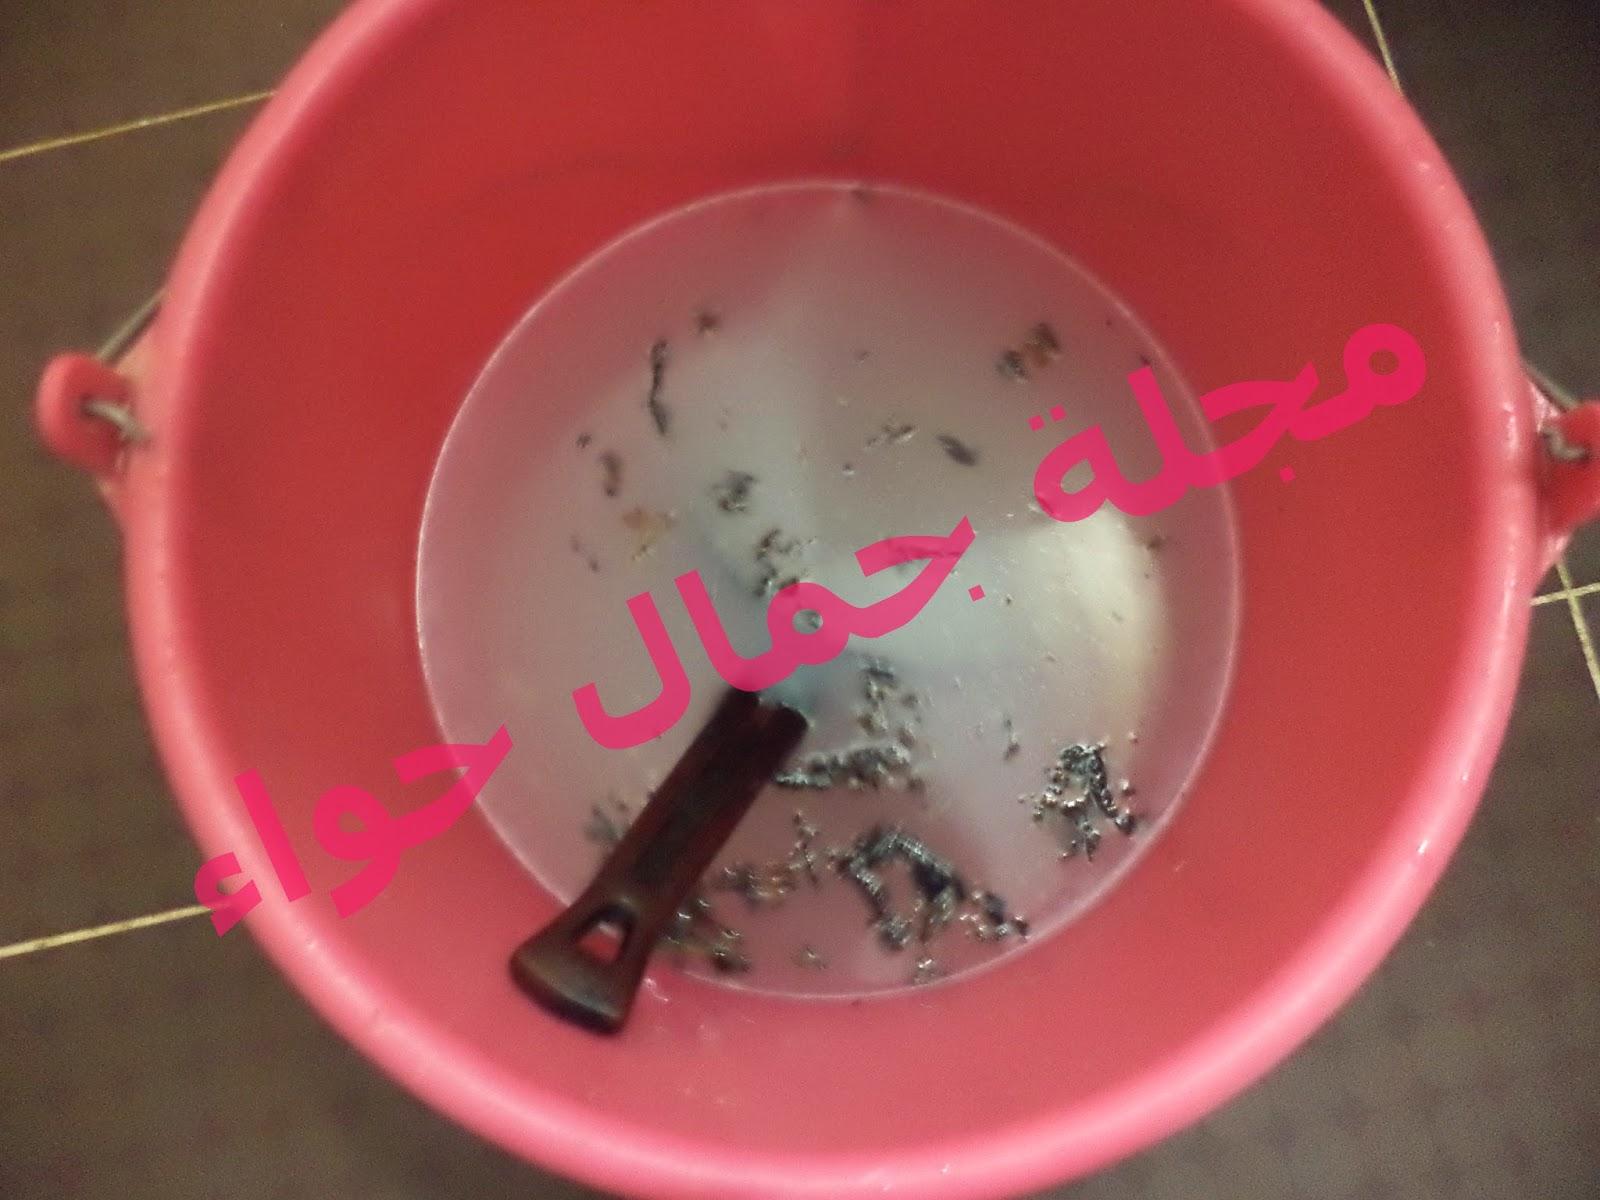 بالصور: طريقة سحرية وبدون مجهود لغسيل وتنظيف وتلميع المواعين